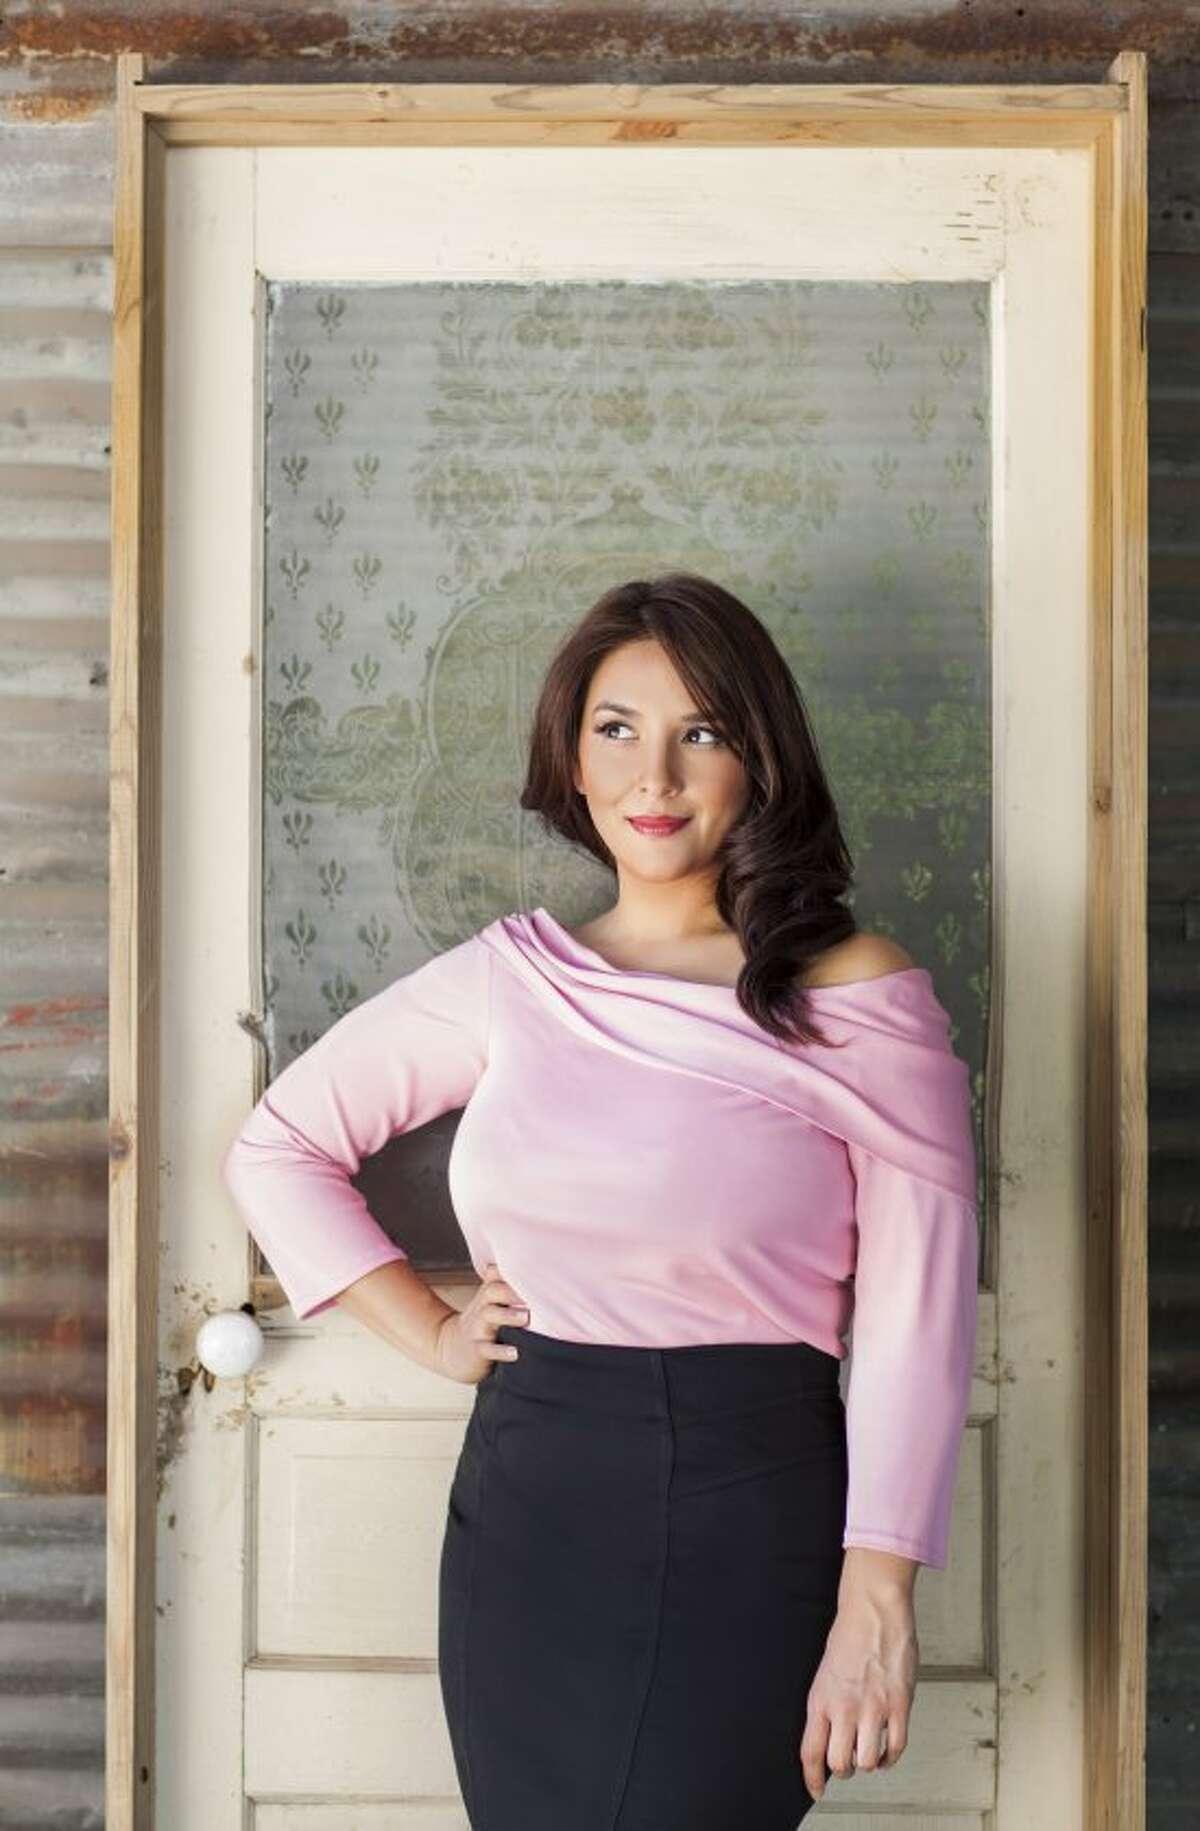 Alba Huerta outside her latest venture.